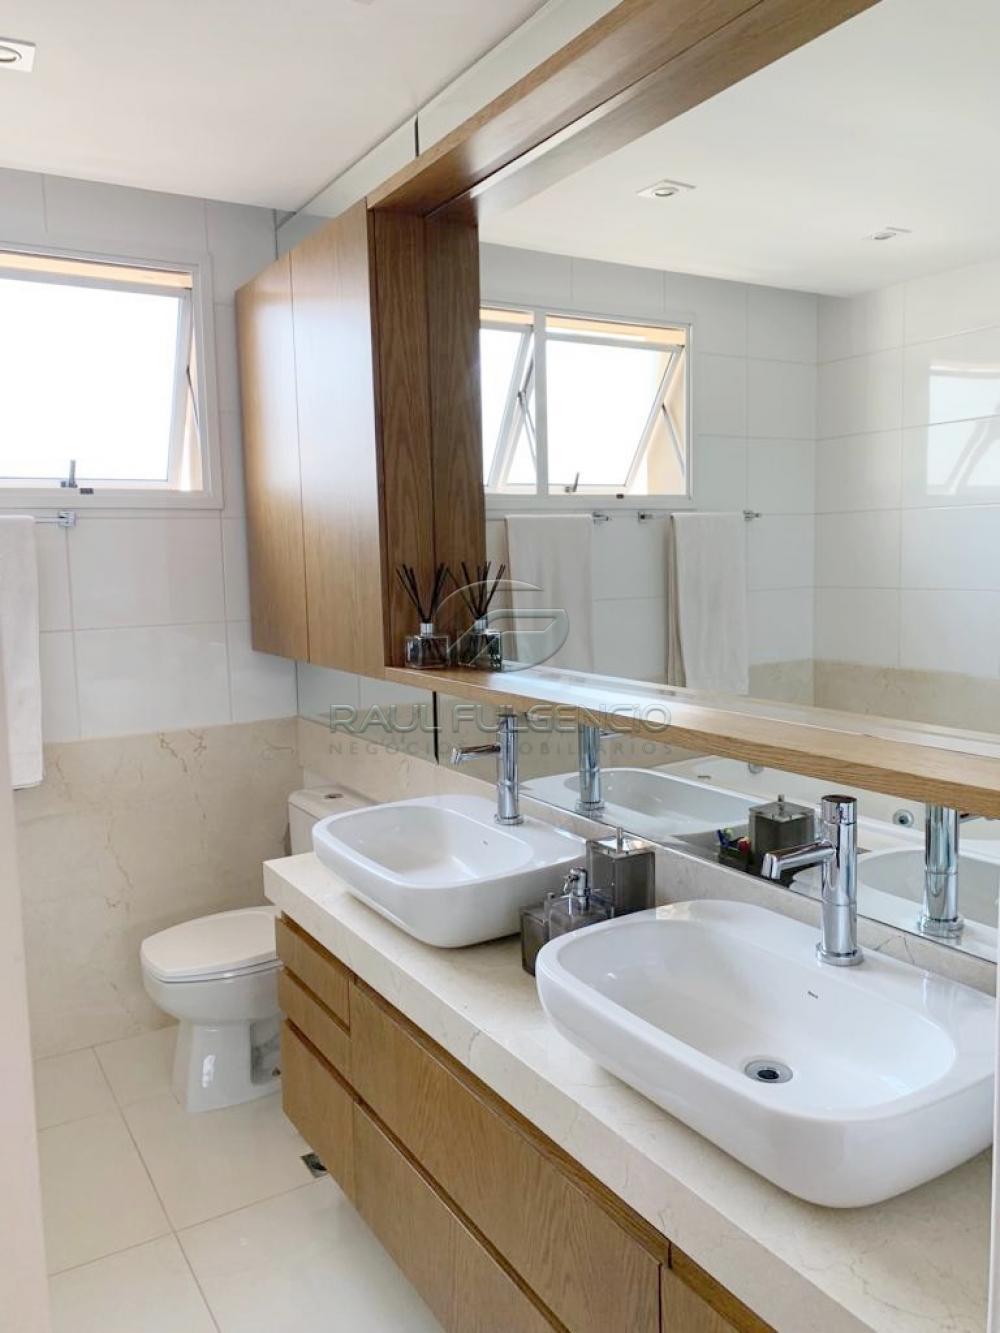 Comprar Apartamento / Padrão em Londrina apenas R$ 1.250.000,00 - Foto 27